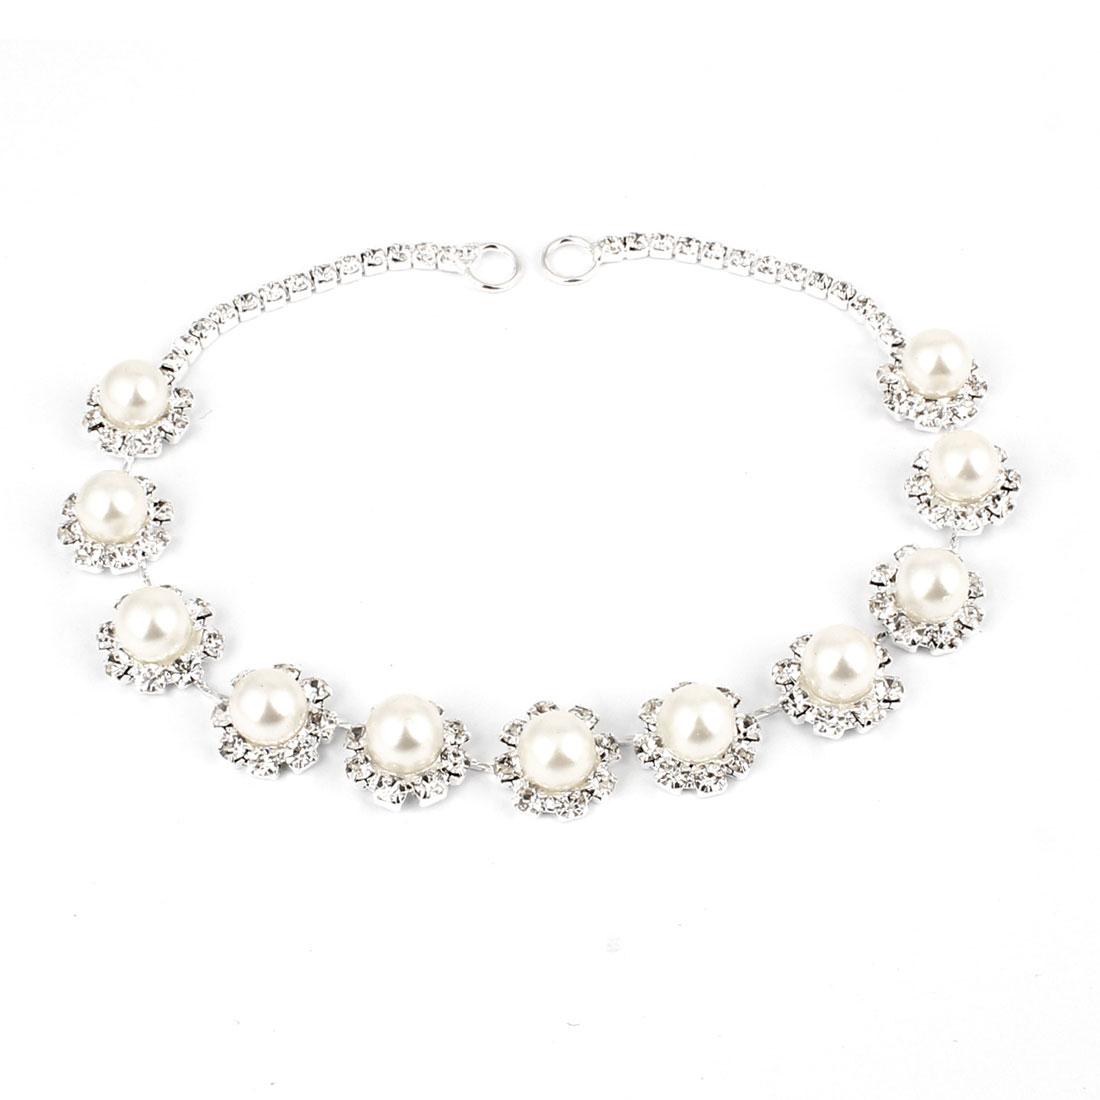 Glittery Rhinestones Inlaid Imitation Pearl Decor Hair Clip Head Chain